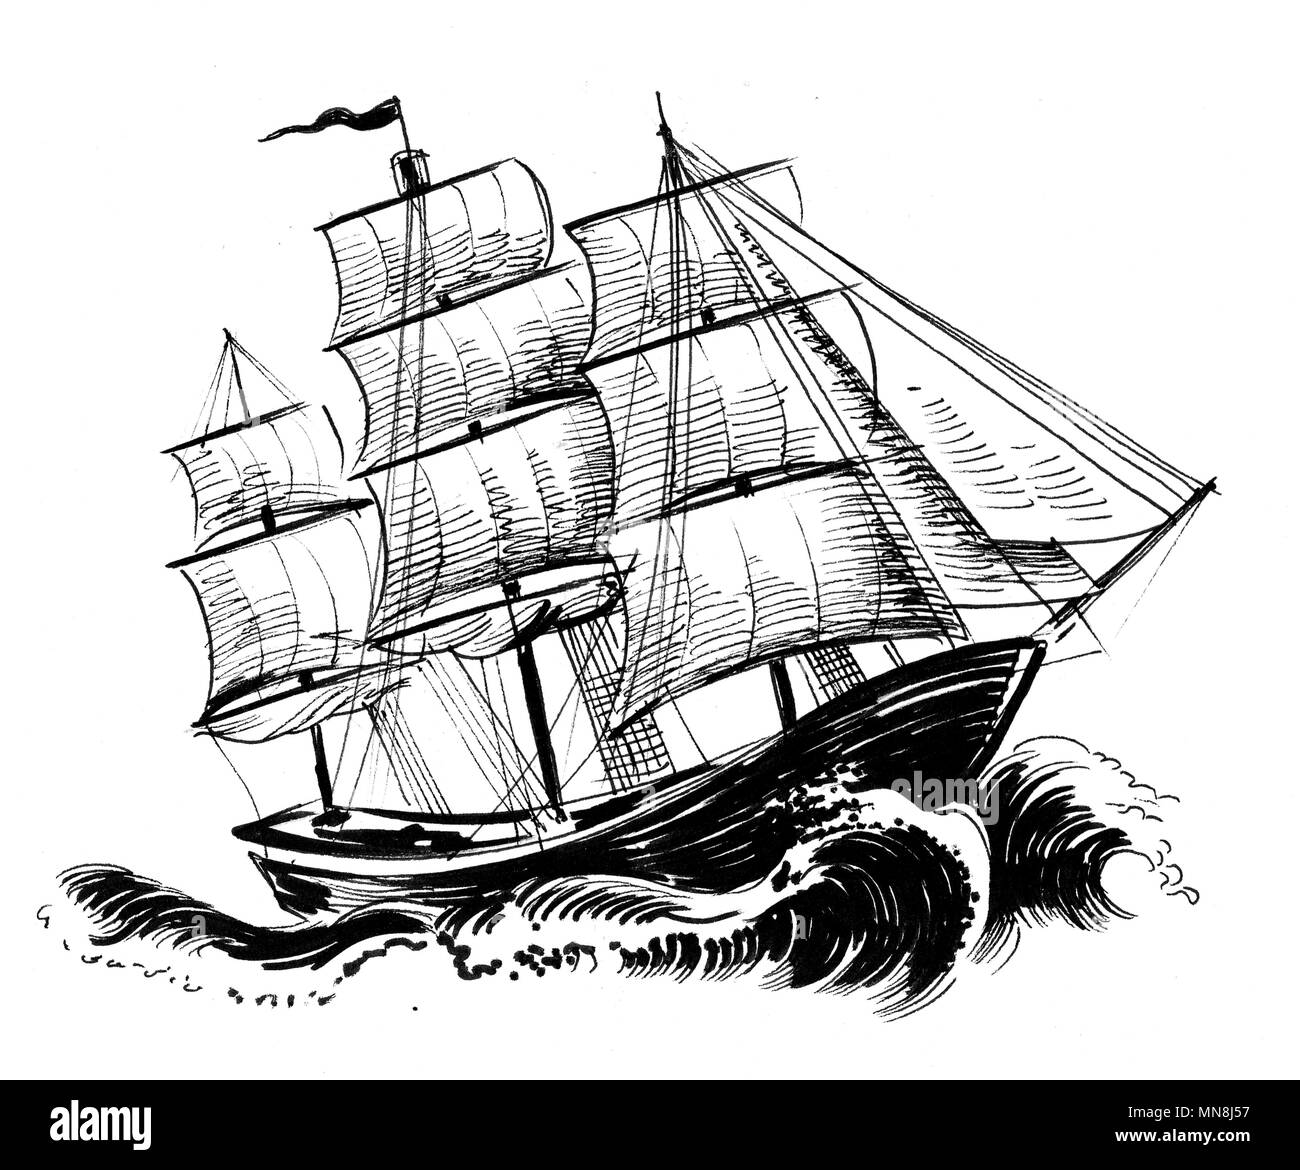 Navire A Voile En Mer Agitee Illustration Noir Et Blanc Encre